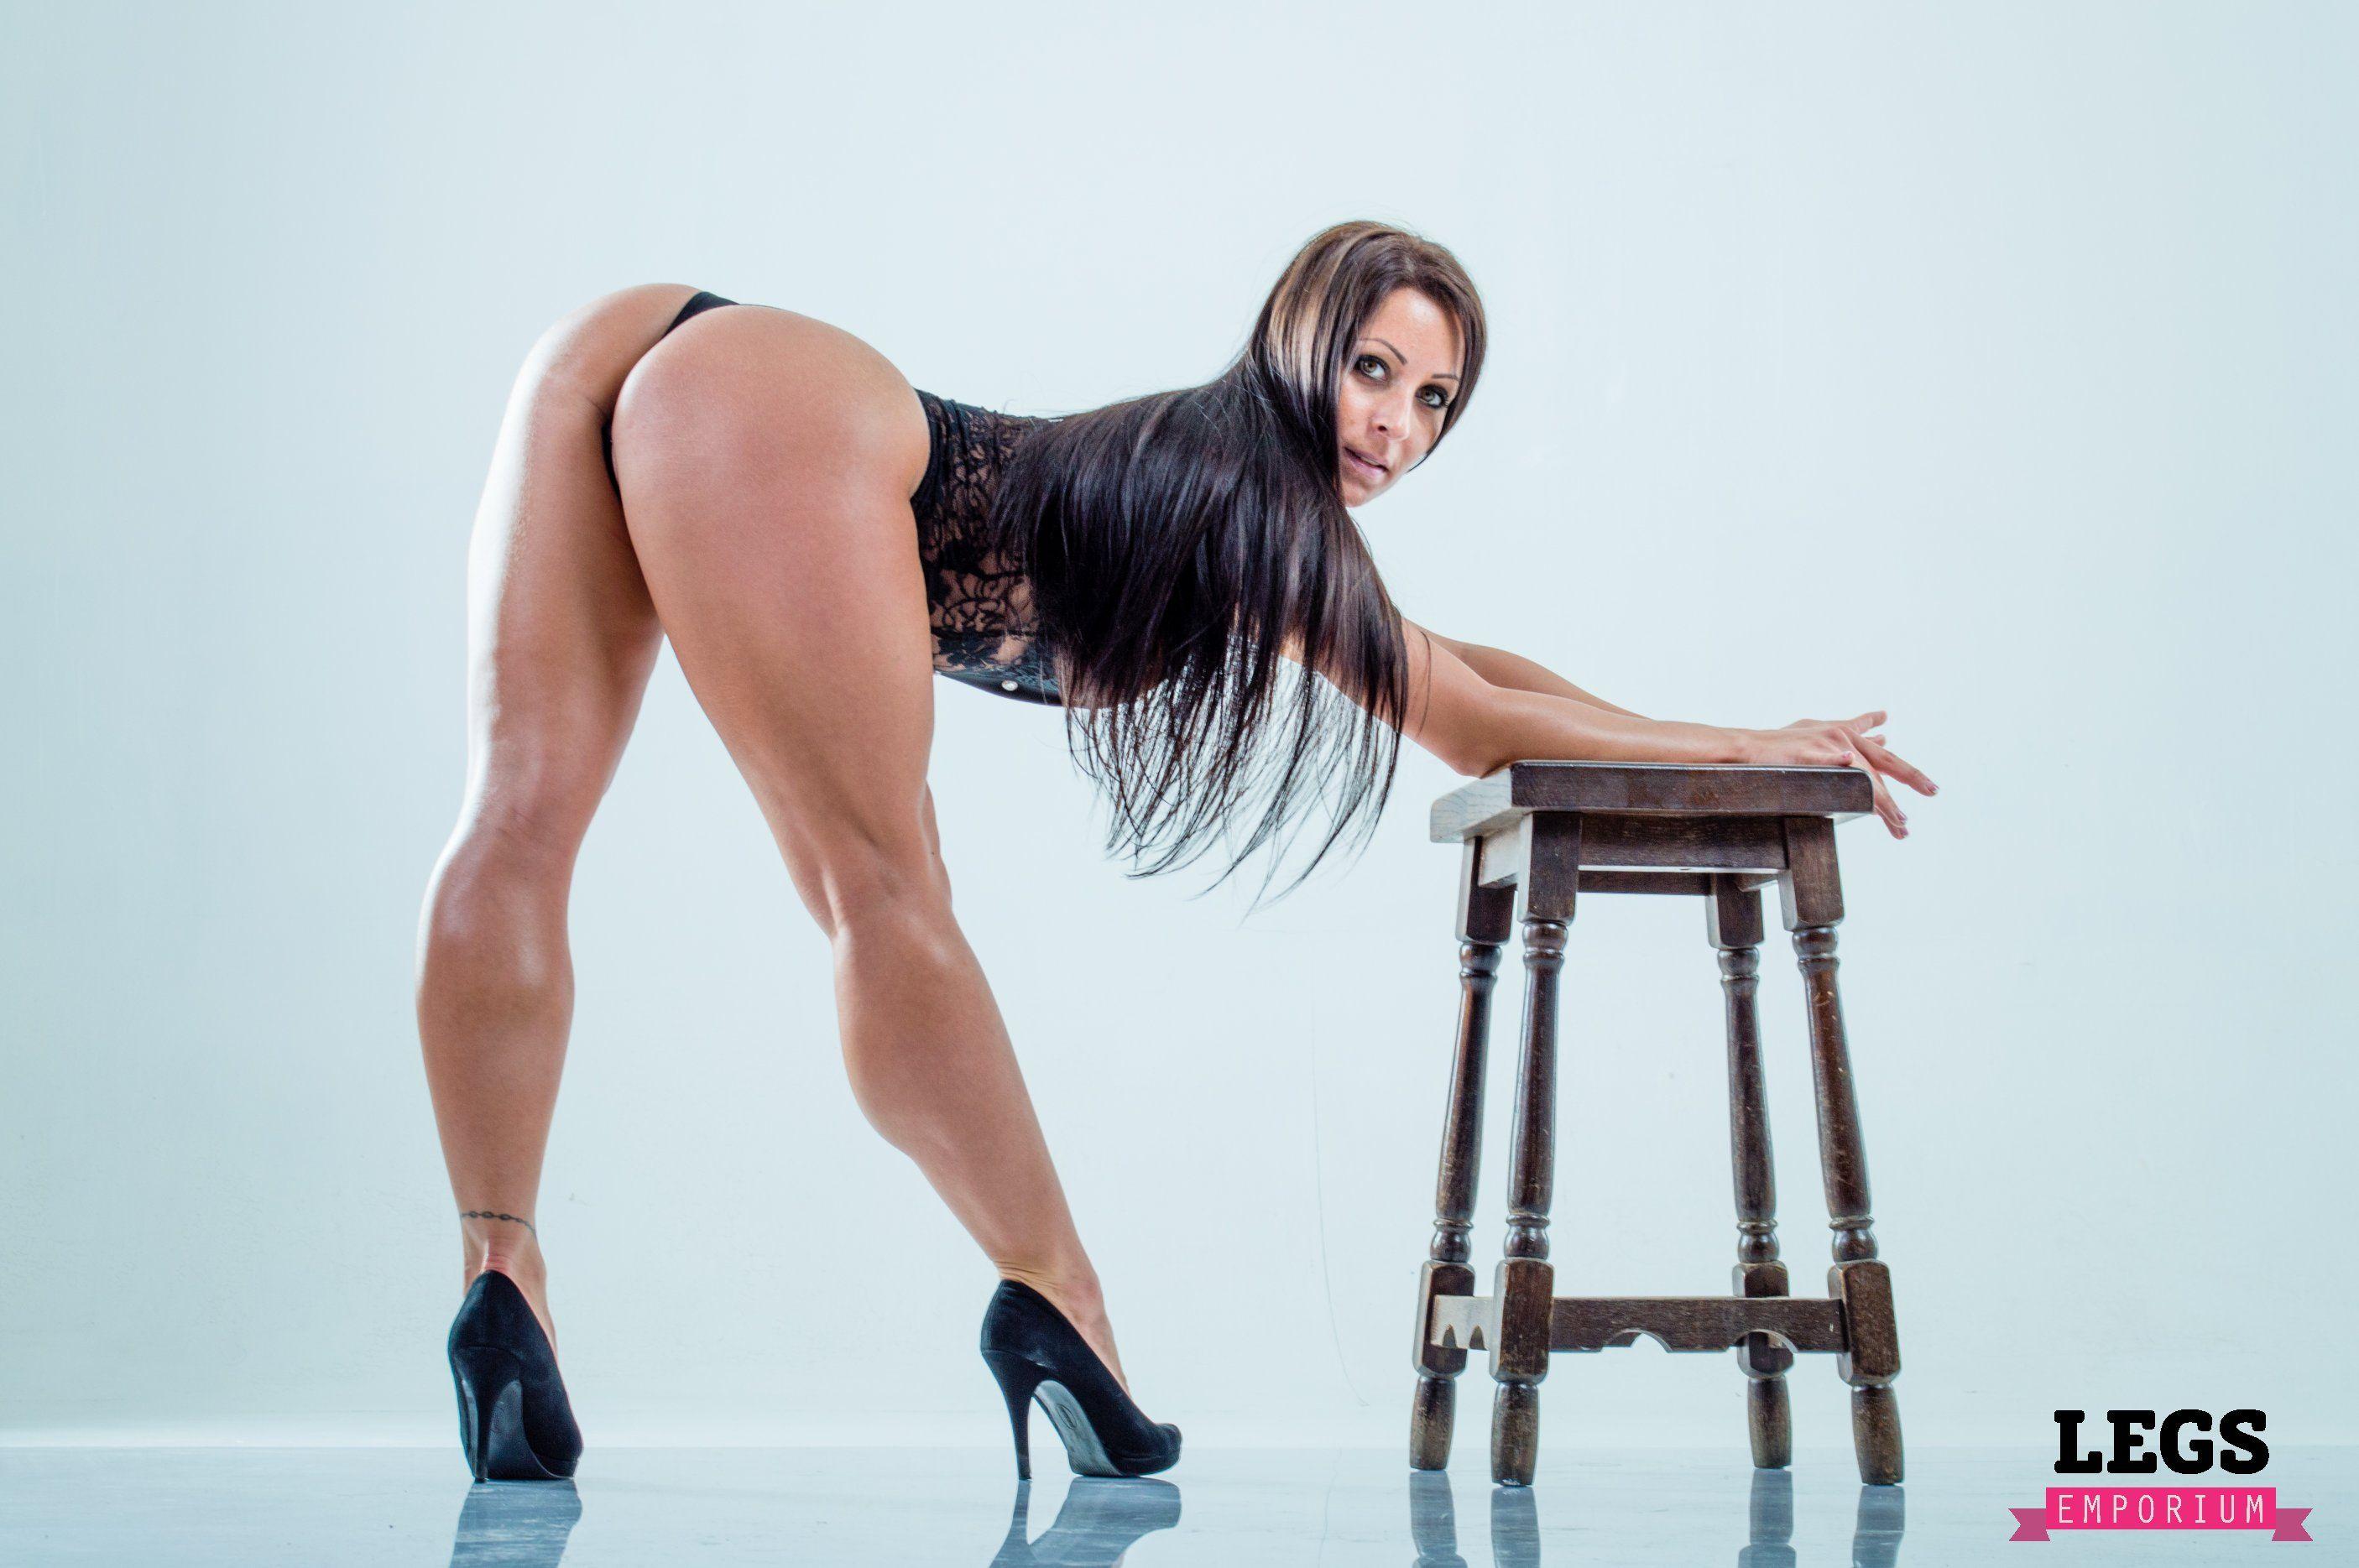 Natasha Encinosa